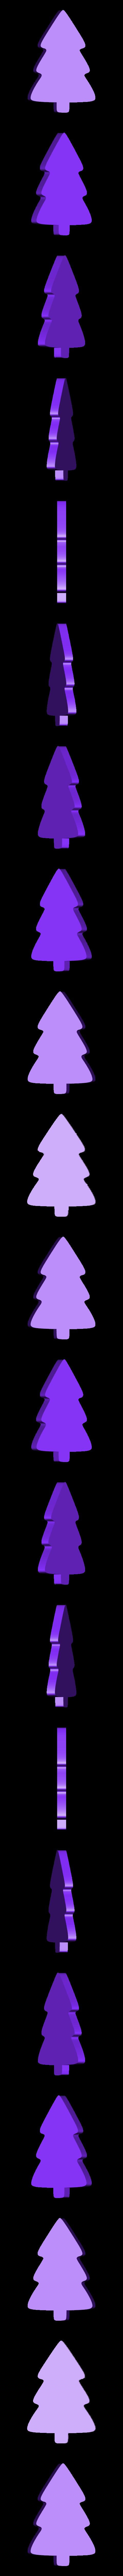 insert.stl Télécharger fichier STL gratuit Sapin de Noël. Moule de bombe de bain • Objet pour impression 3D, 3DMills